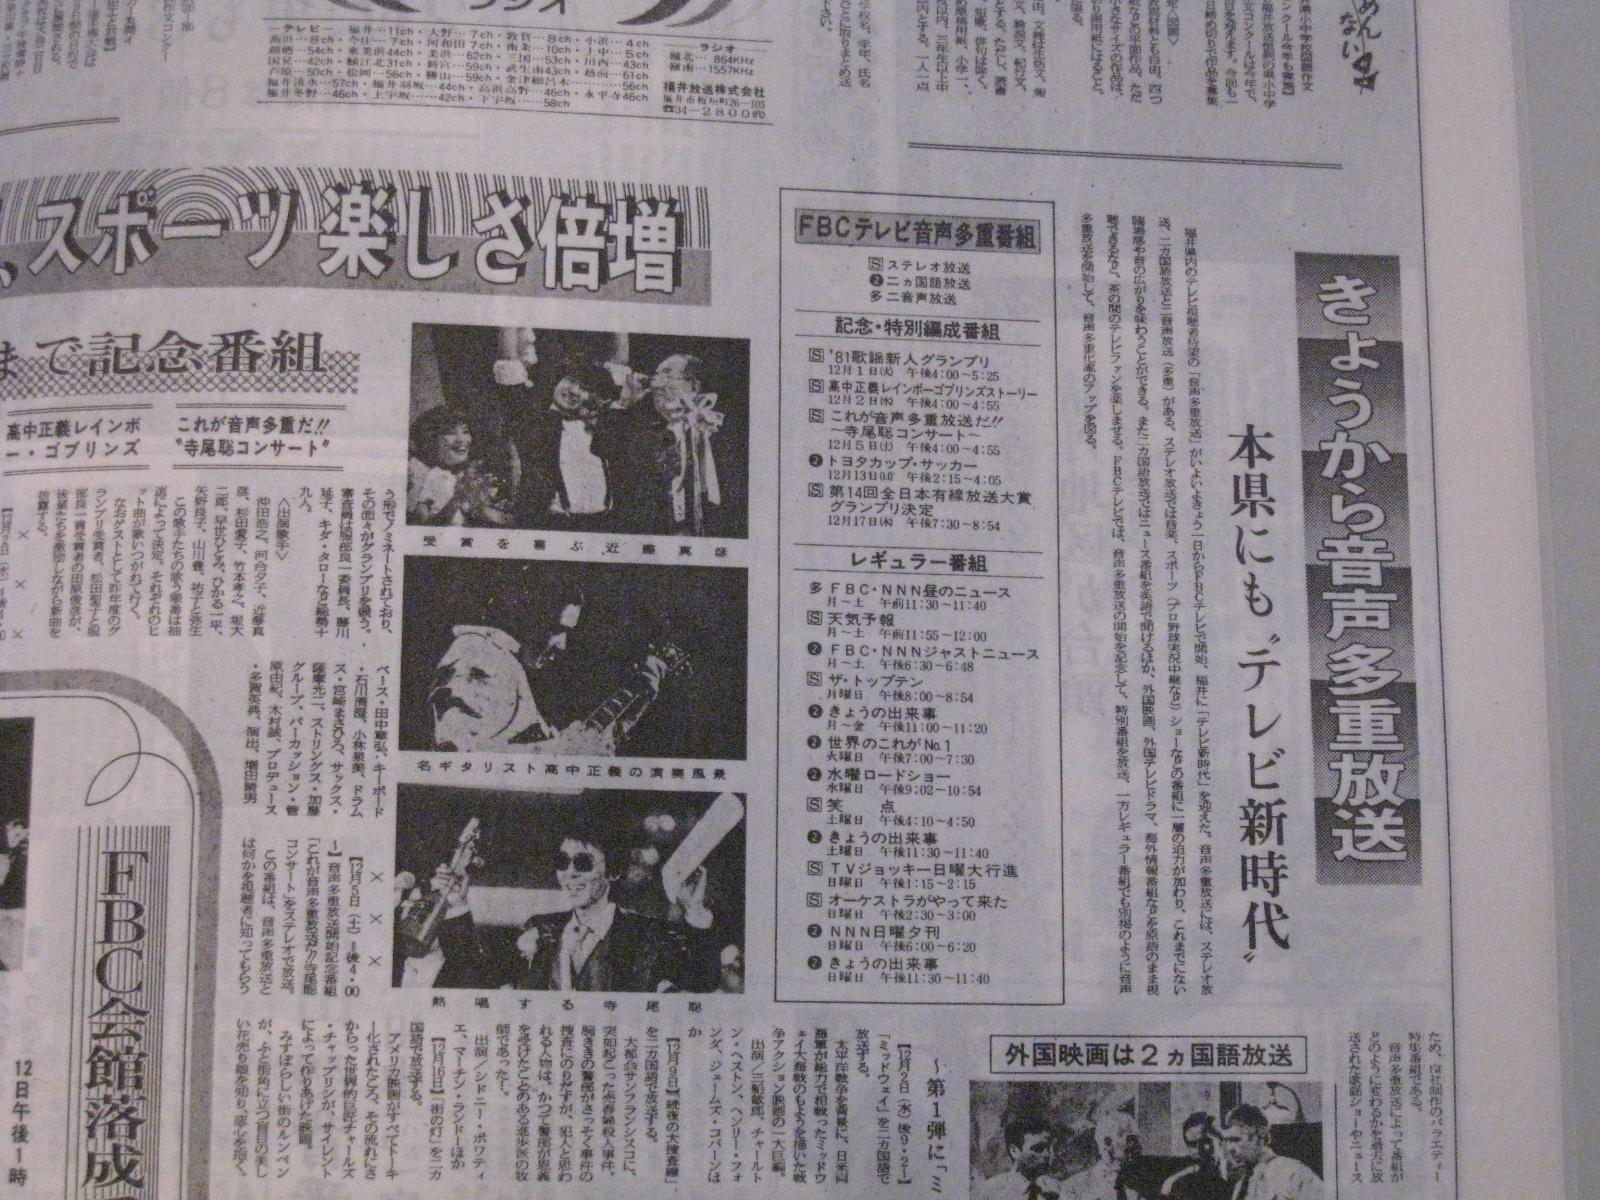 昭和56年12月1日の新聞より 音多開始